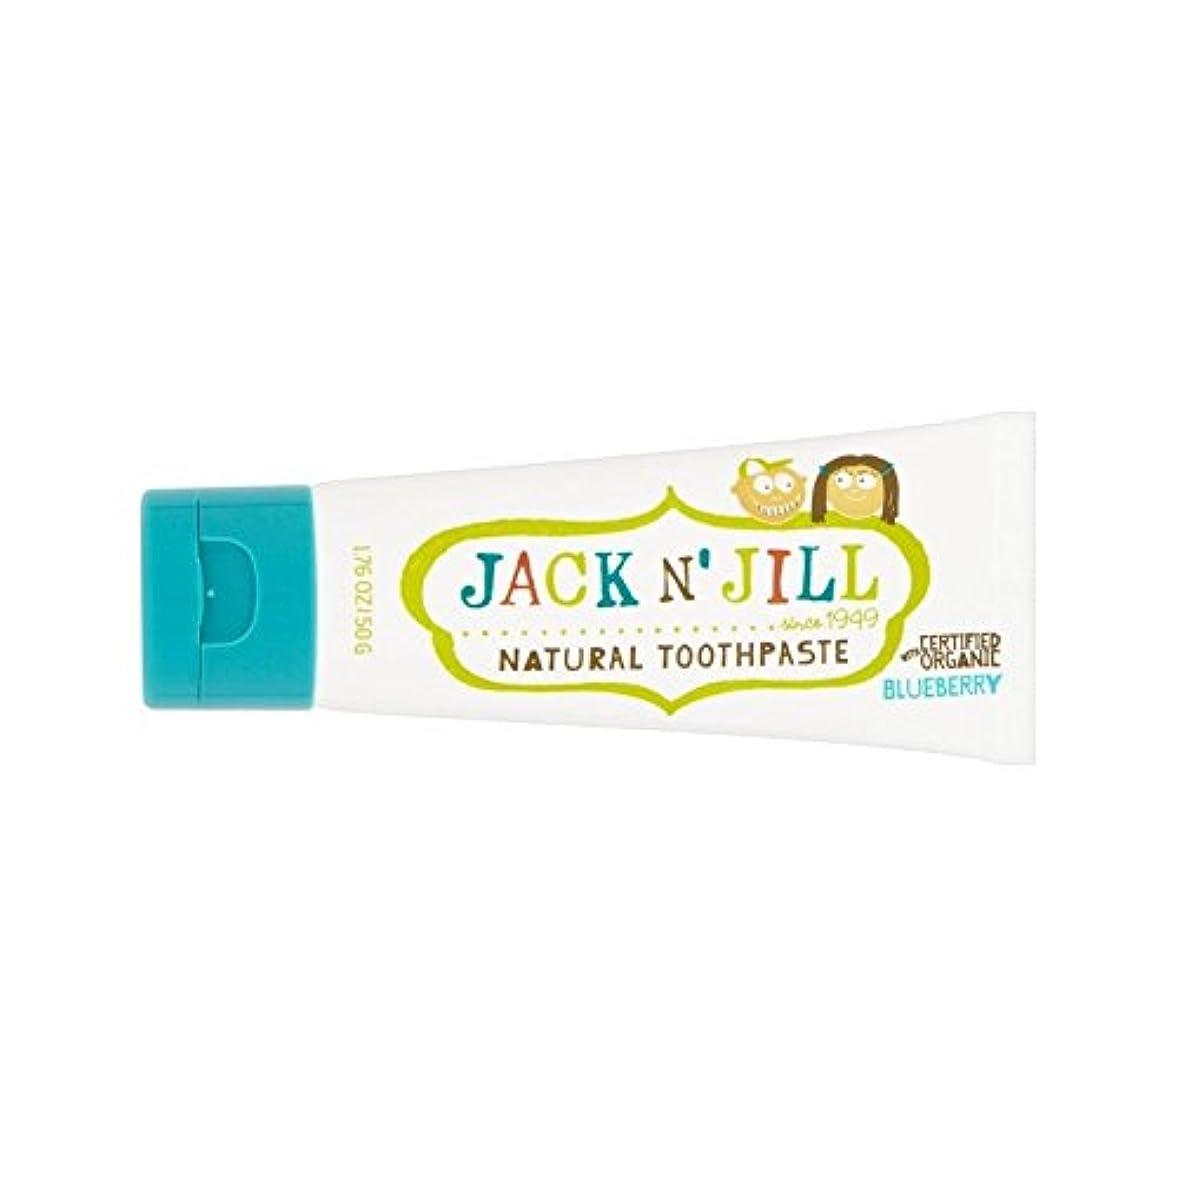 鹿哲学博士独立した有機香味50グラムとの自然なブルーベリー歯磨き粉 (Jack N Jill) (x 6) - Jack N' Jill Blueberry Toothpaste Natural with Organic Flavouring 50g (Pack of 6) [並行輸入品]